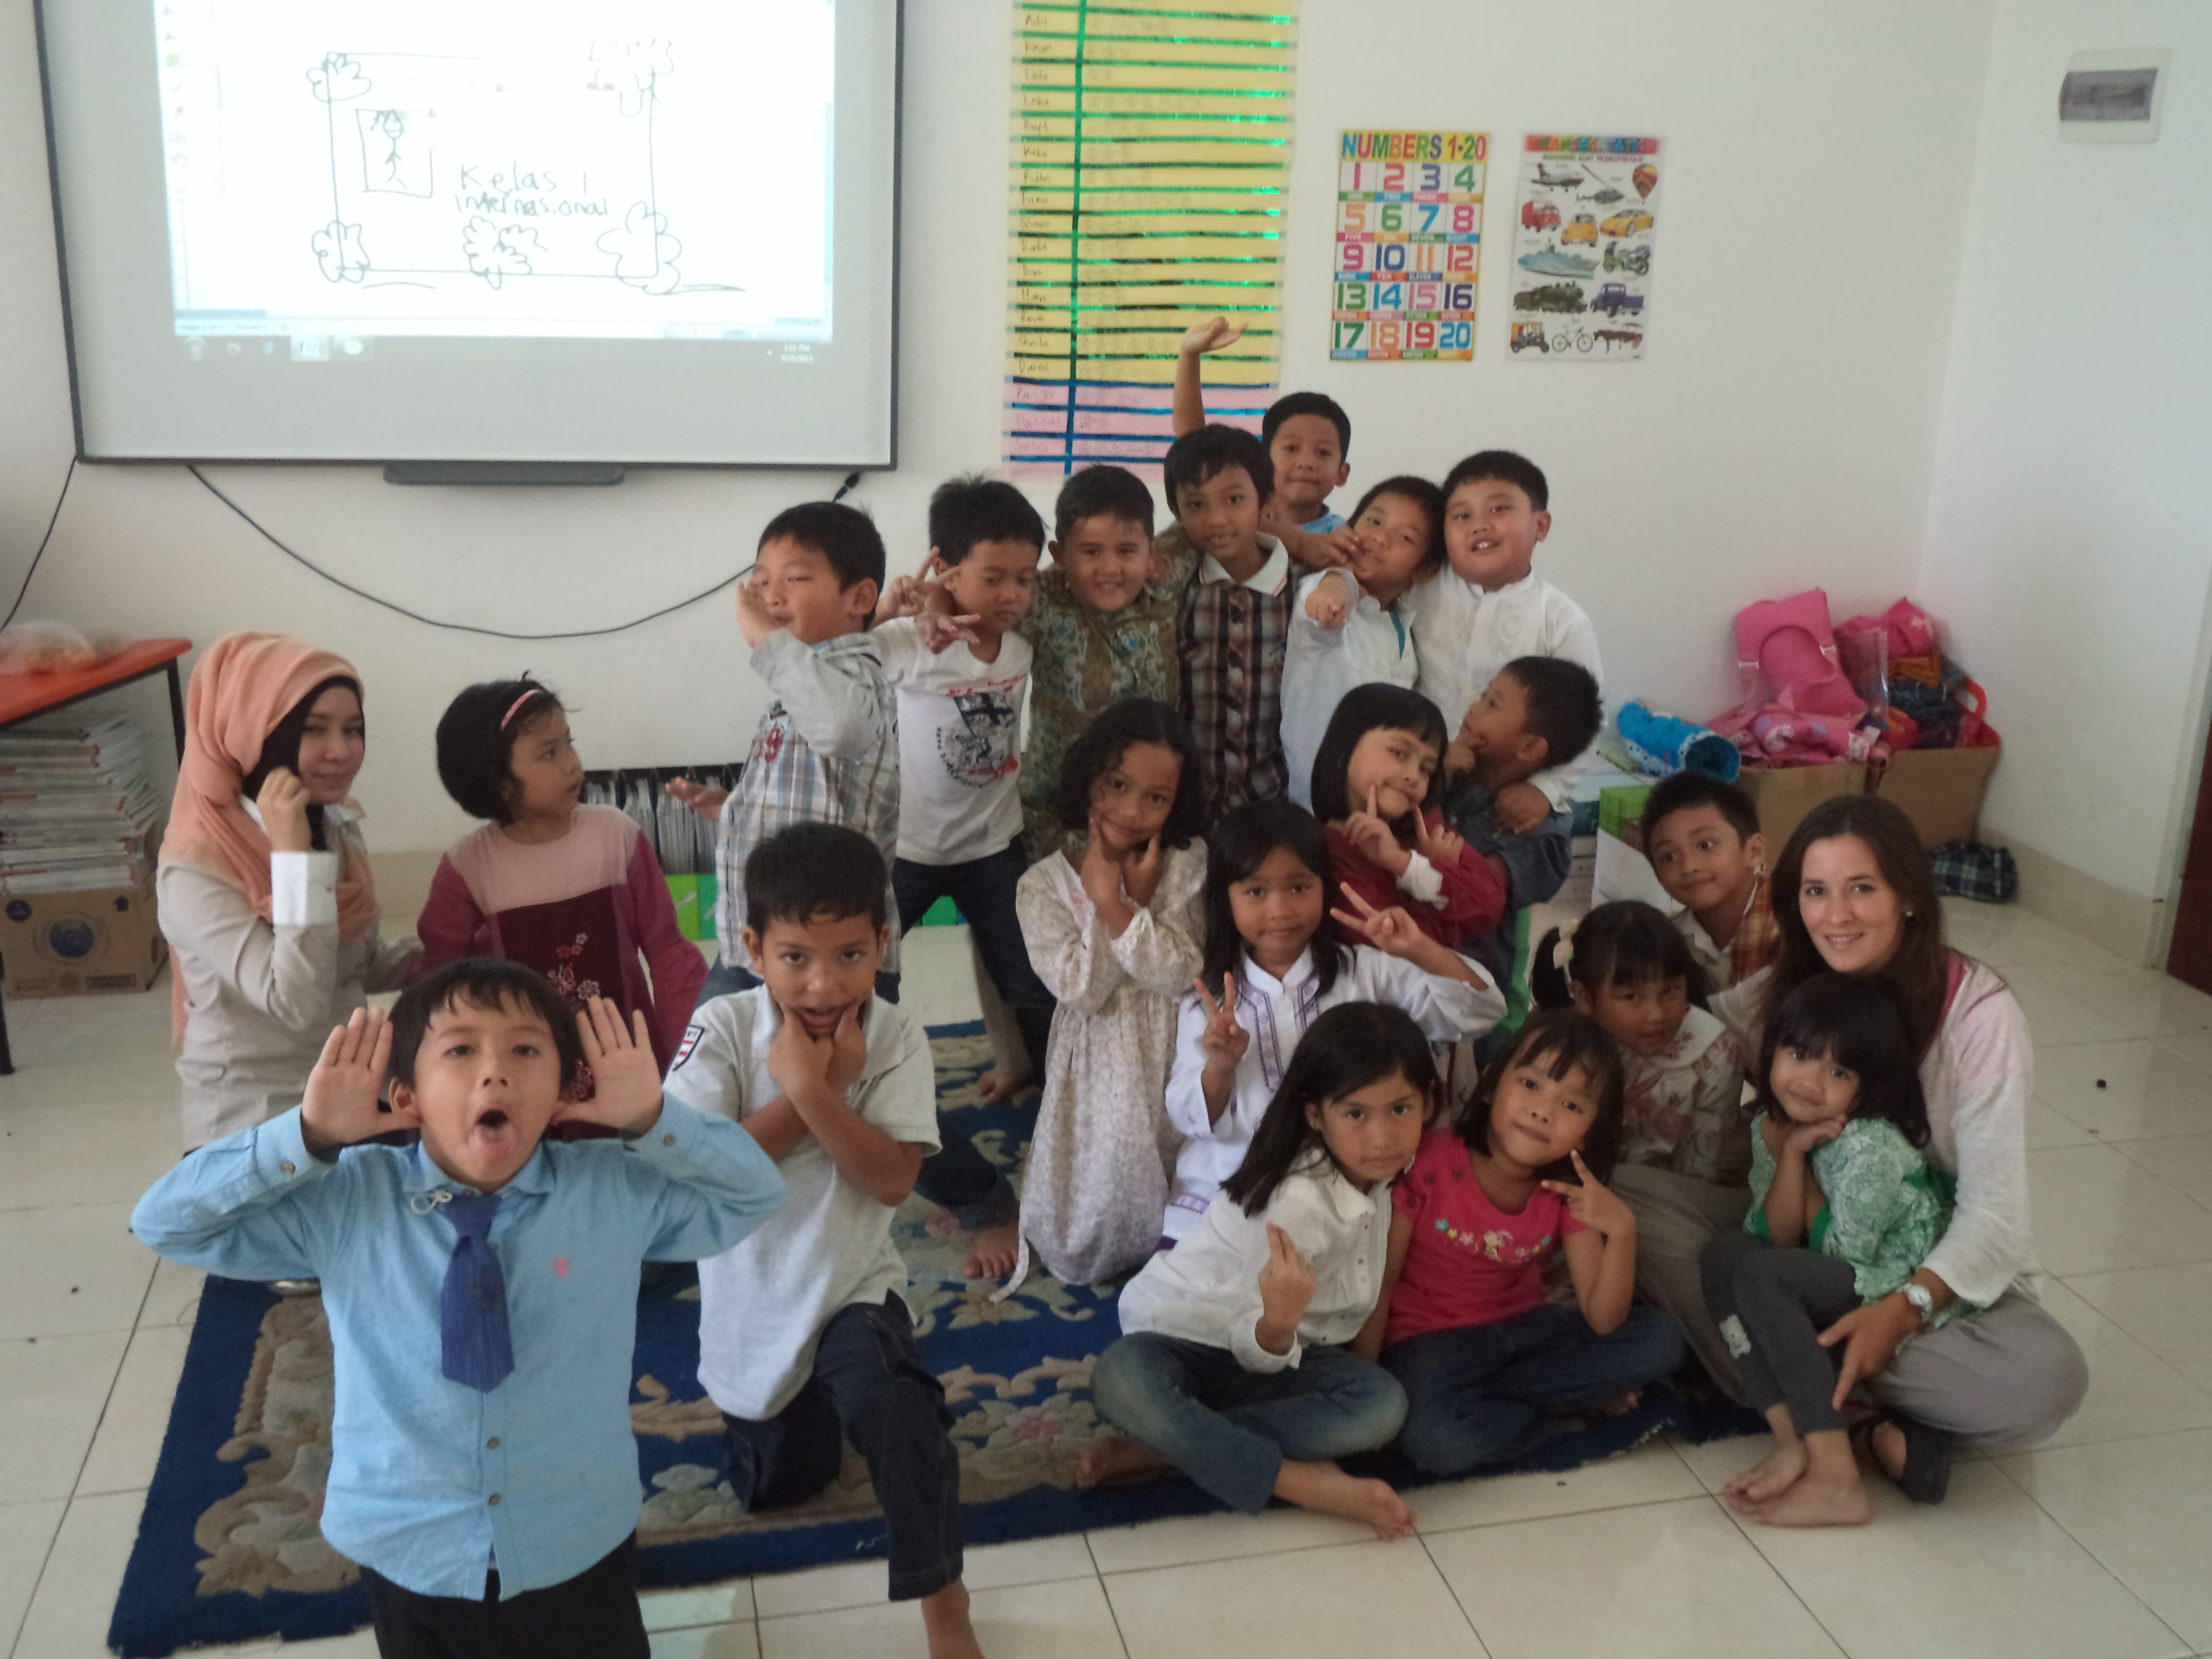 Escola d'Indonèsia. Nens a classe. Berta Torras